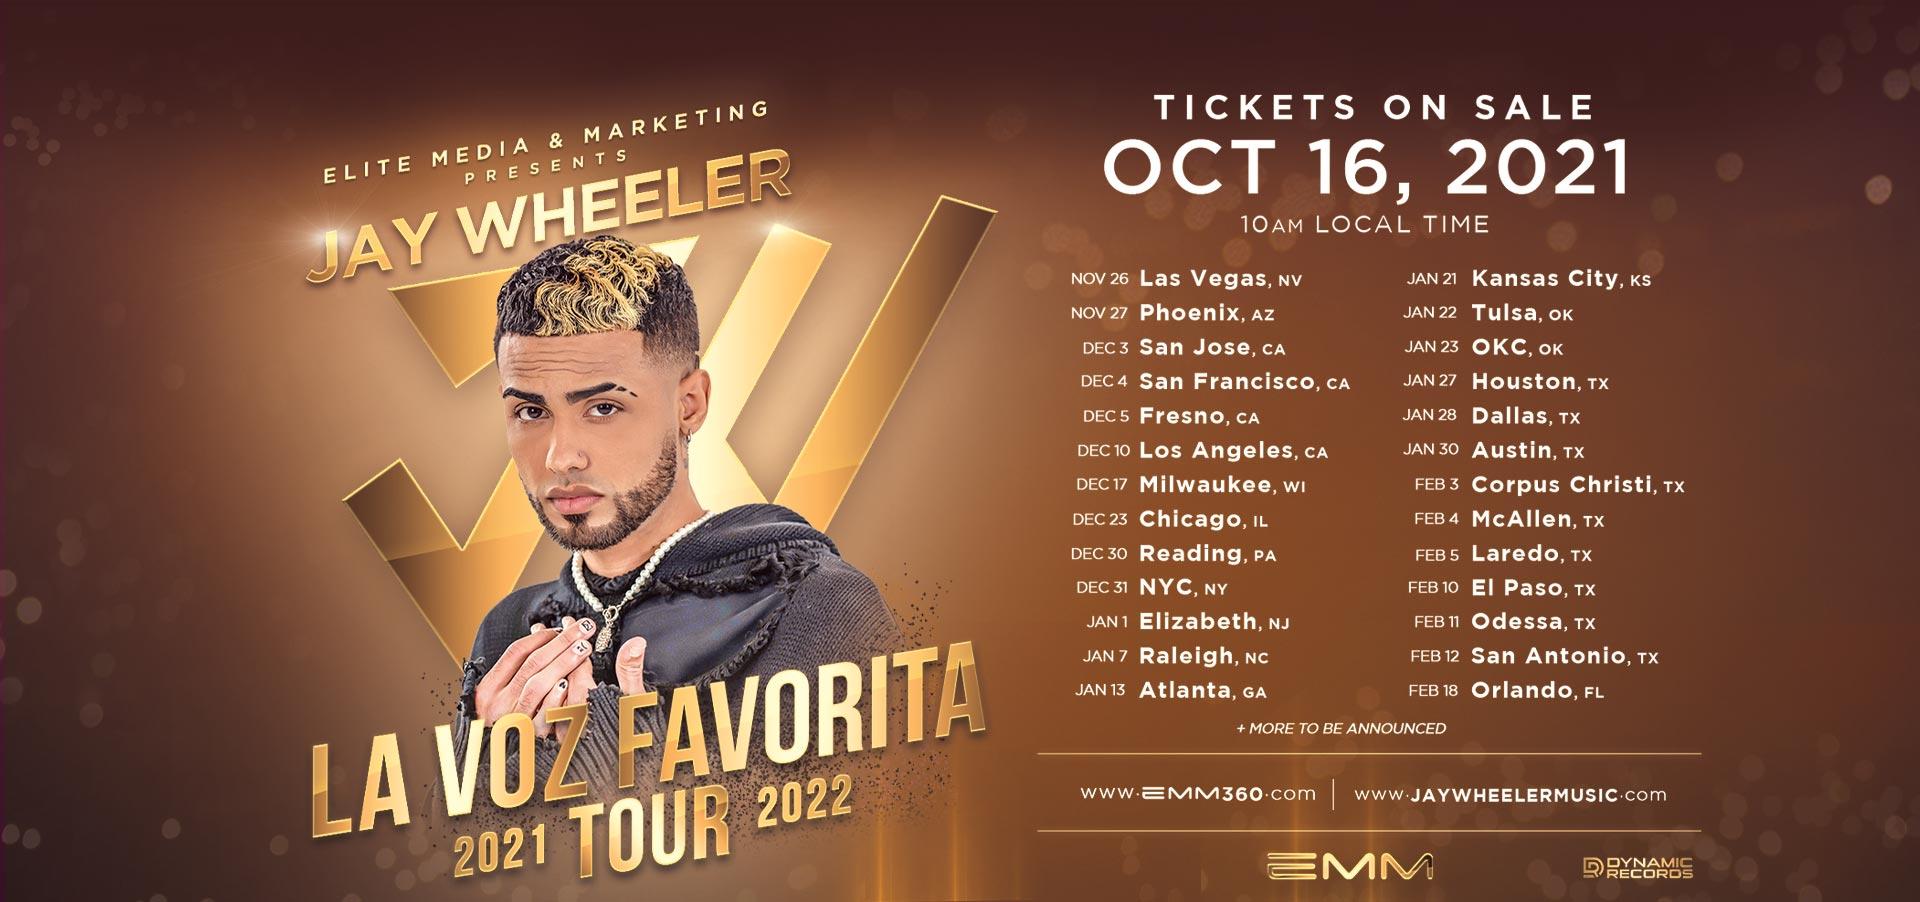 Jay Wheeler 2021-2022 Tour